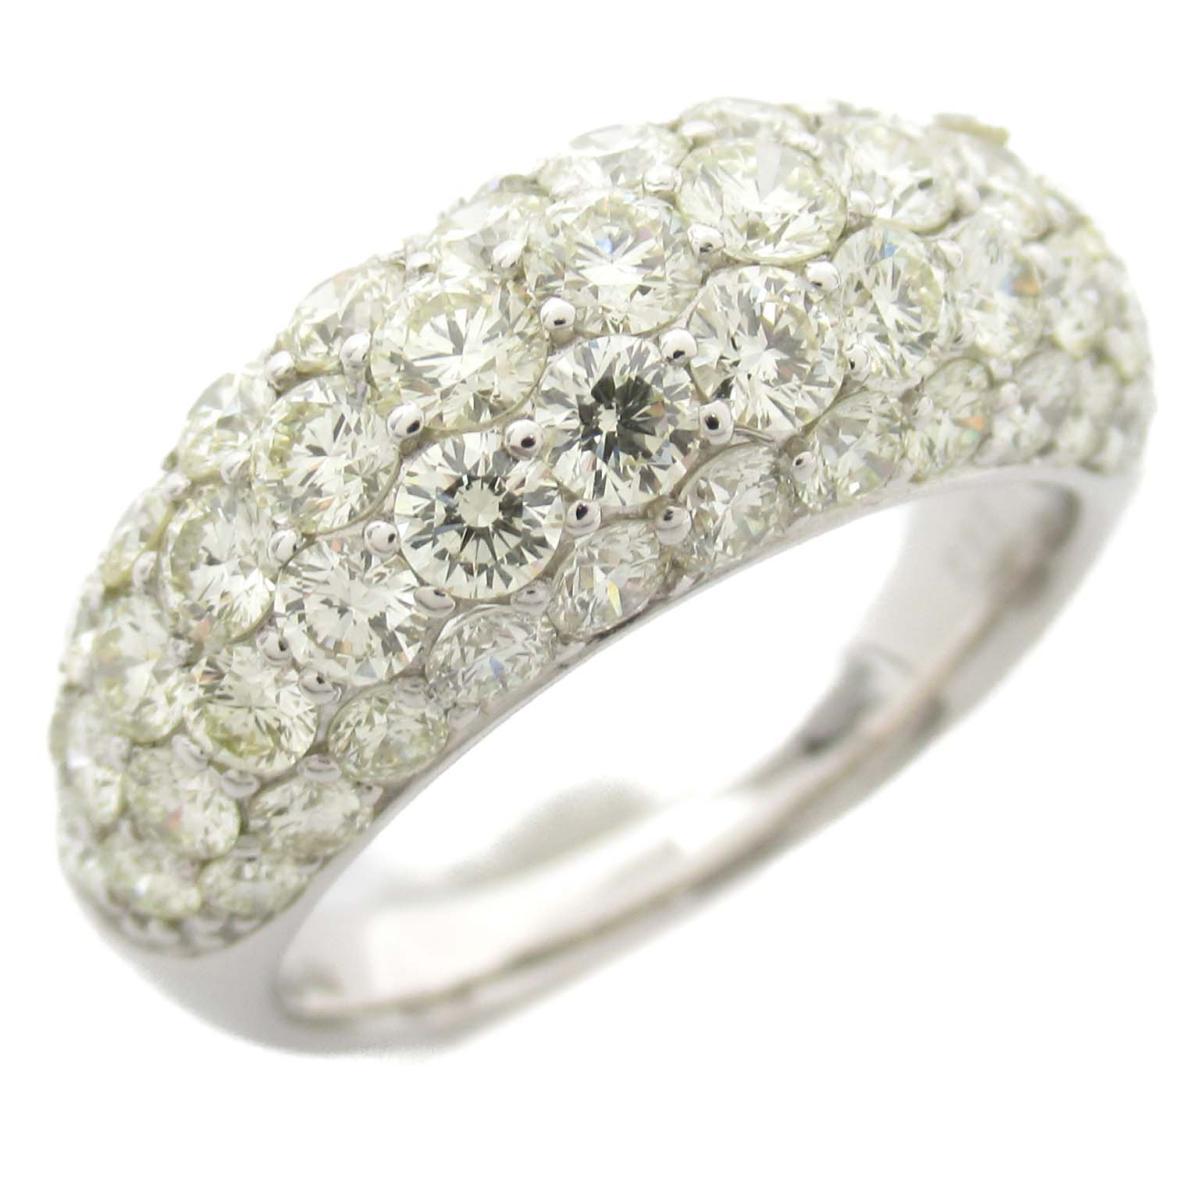 ジュエリー ダイヤモンド リング 指輪 ノーブランドジュエリー レディース 18Kホワイトゴールド x ダイヤモンド2.56ct 【中古】 | JEWELRY BRANDOFF ブランドオフ アクセサリー